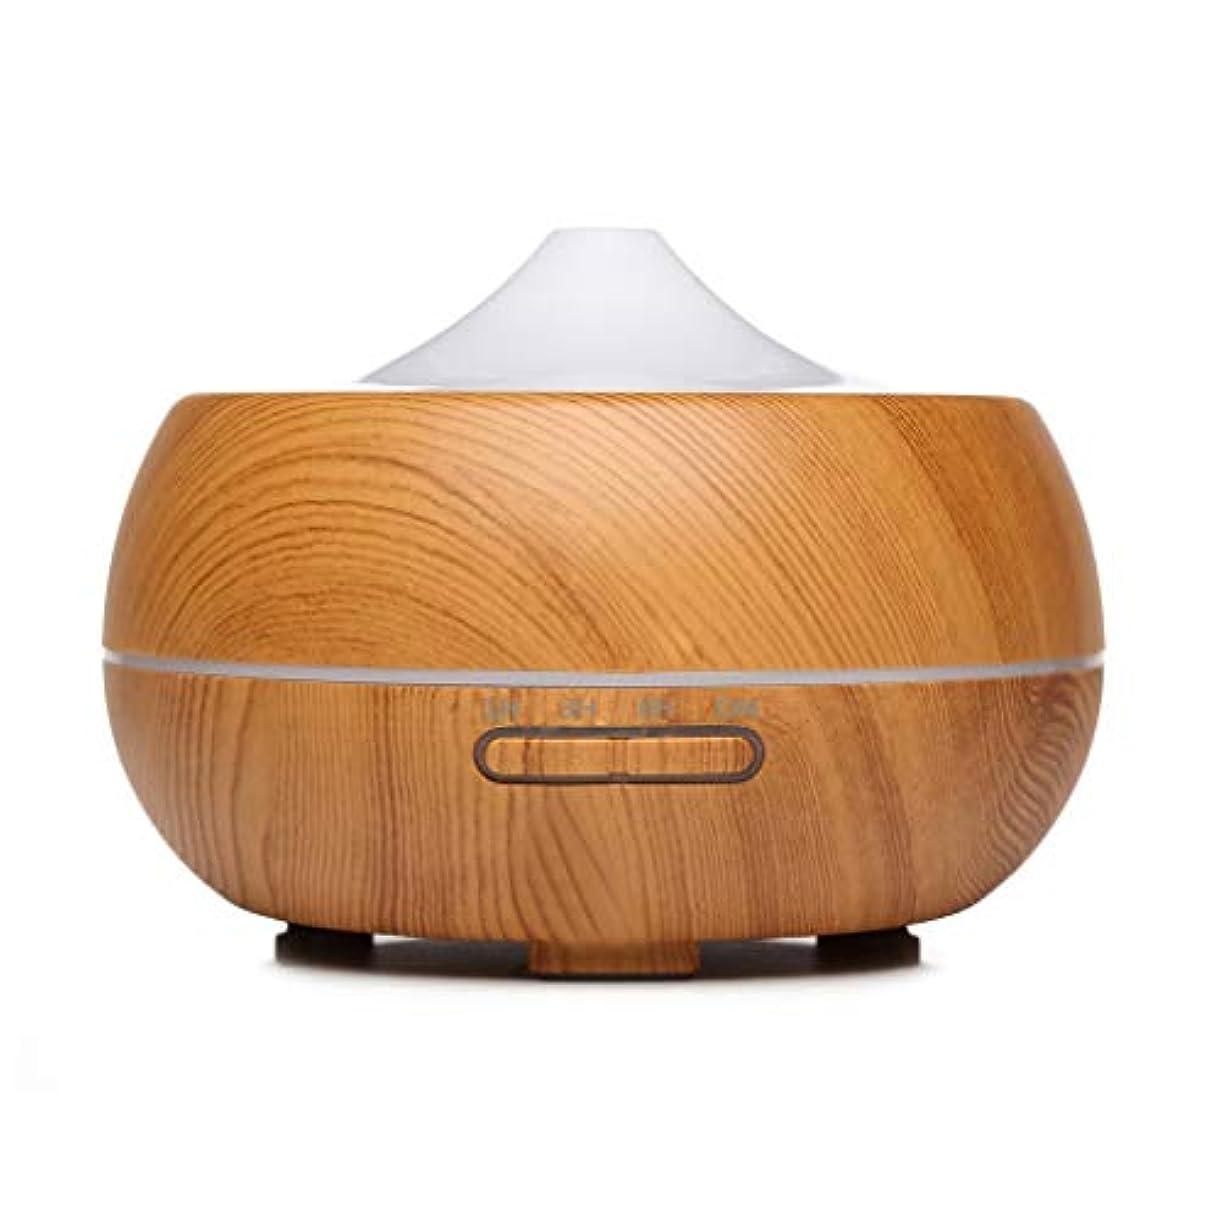 ロゴ画家メキシコ300ミリリットルクールミスト加湿器超音波不可欠ディフューザー用オフィスホームベッドルームリビングルーム研究ヨガスパ、木目 (Color : Light wood grain)